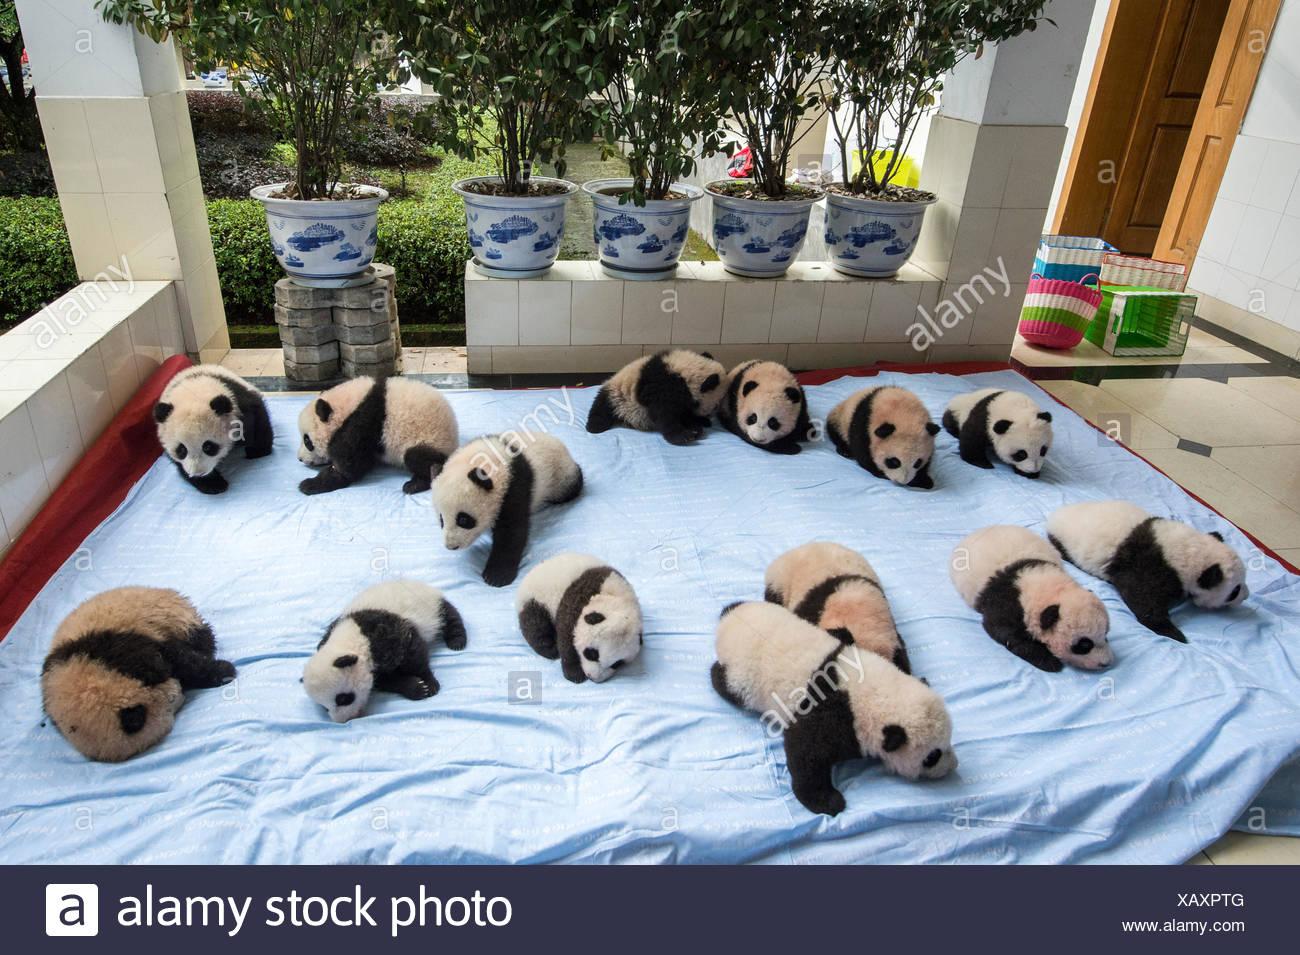 Catorce bebé criados en cautividad pandas gigantes sobre una manta en la base Panda Bifengxia panda gigante centro de cría. Imagen De Stock